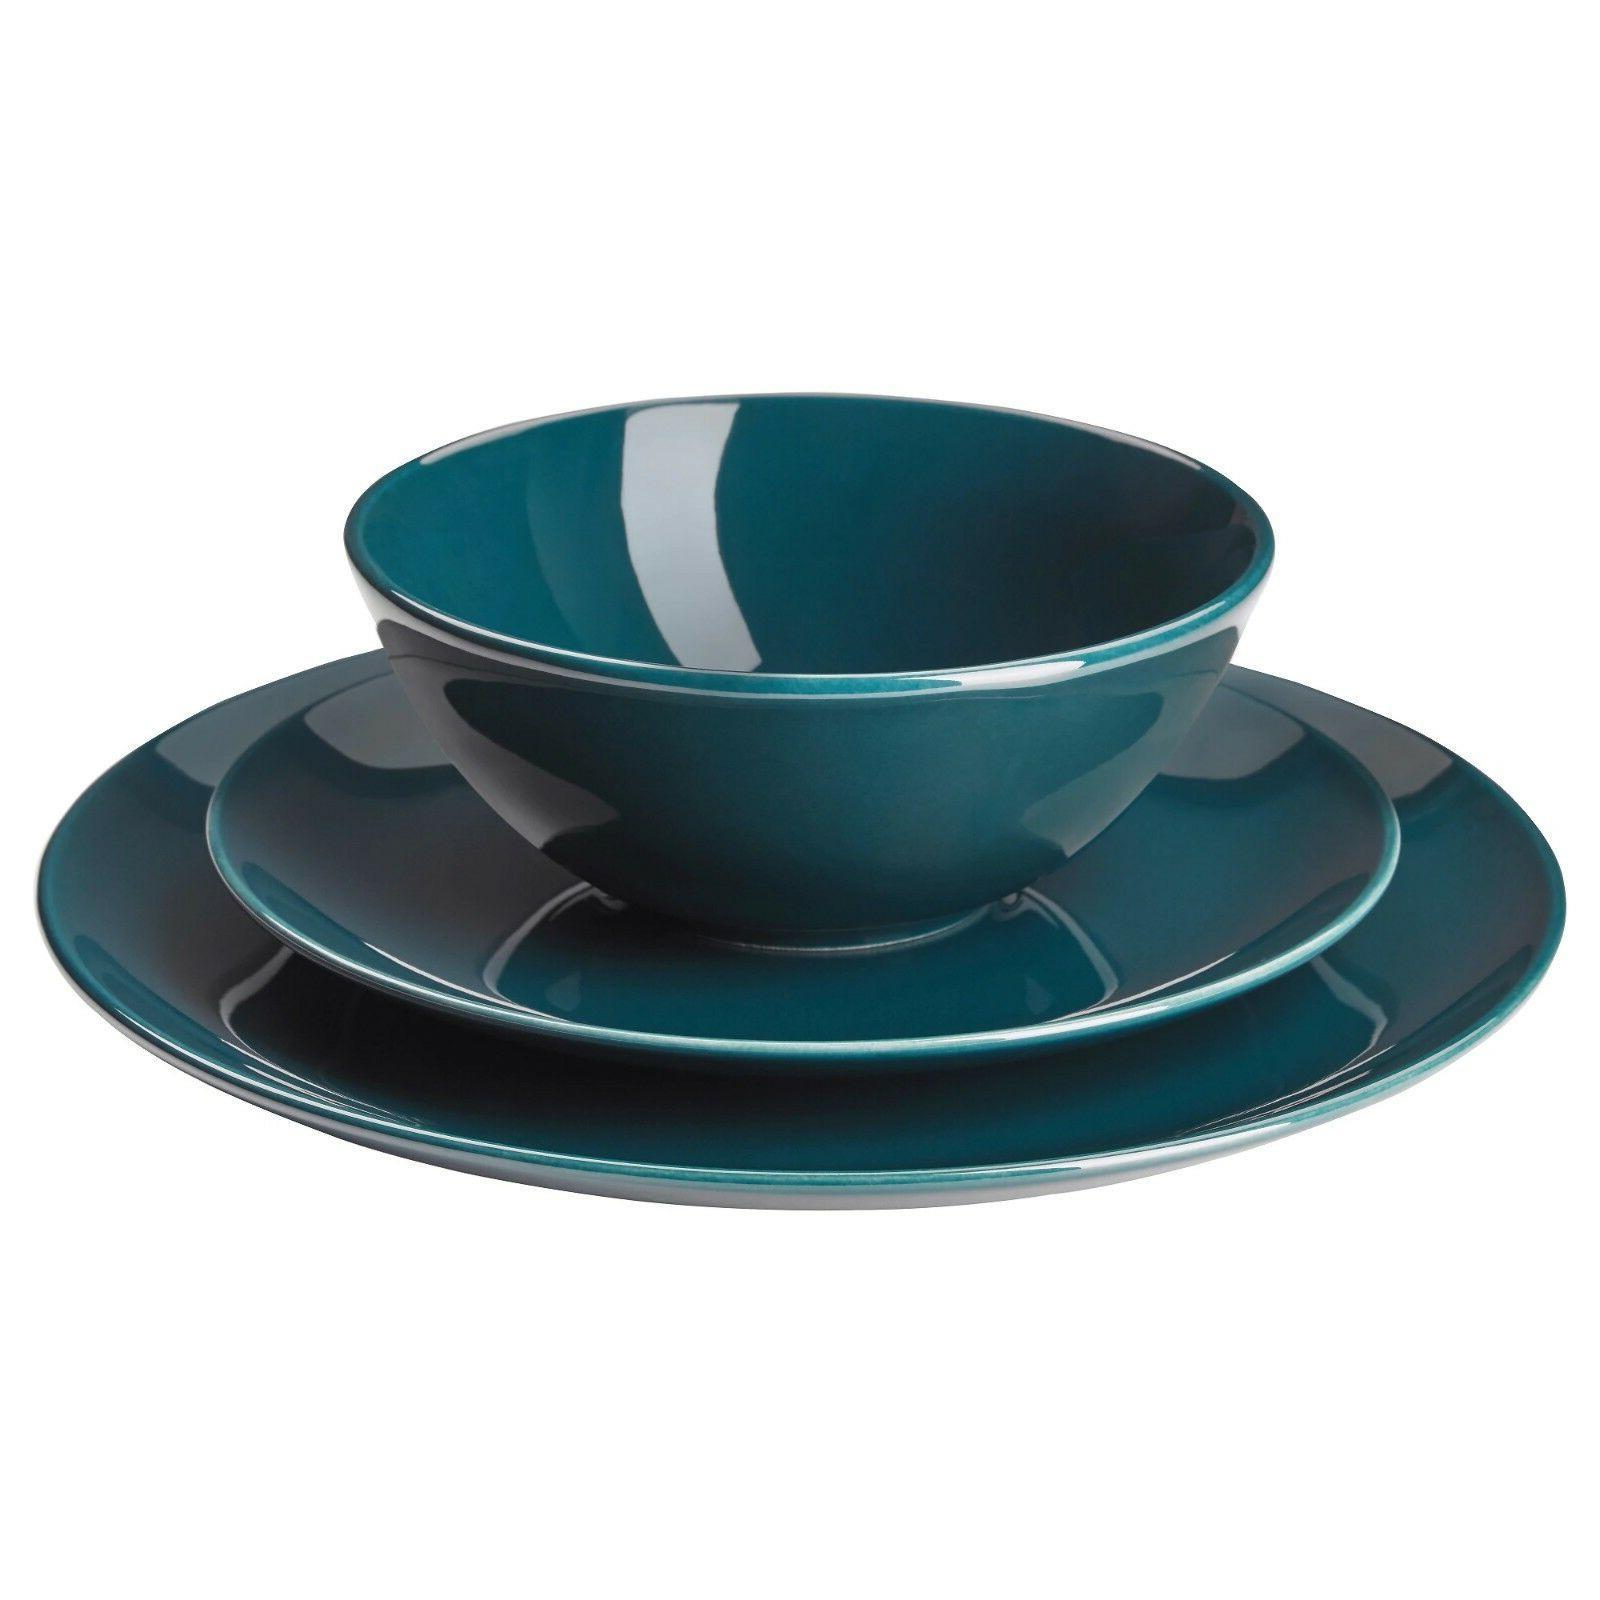 NEW FÄRGRIK 18-piece service Dinnerware Set Kitchen Earthen